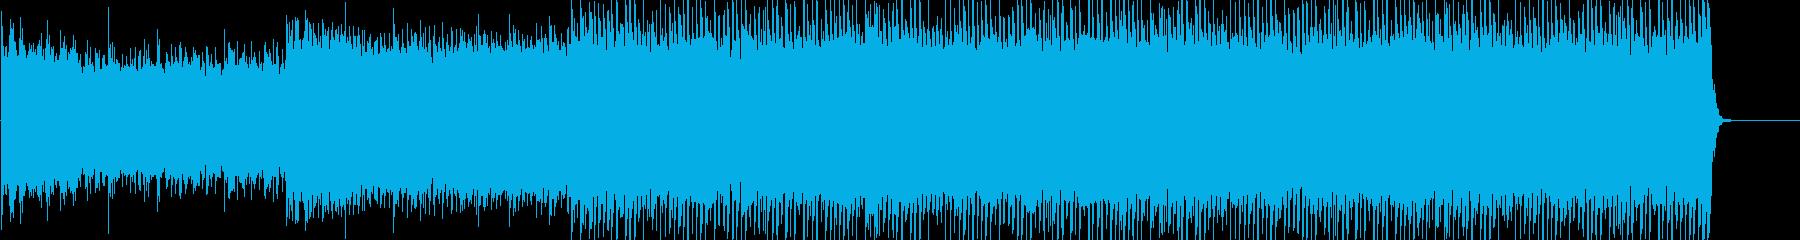 ゆっくりとした素朴なロックの再生済みの波形